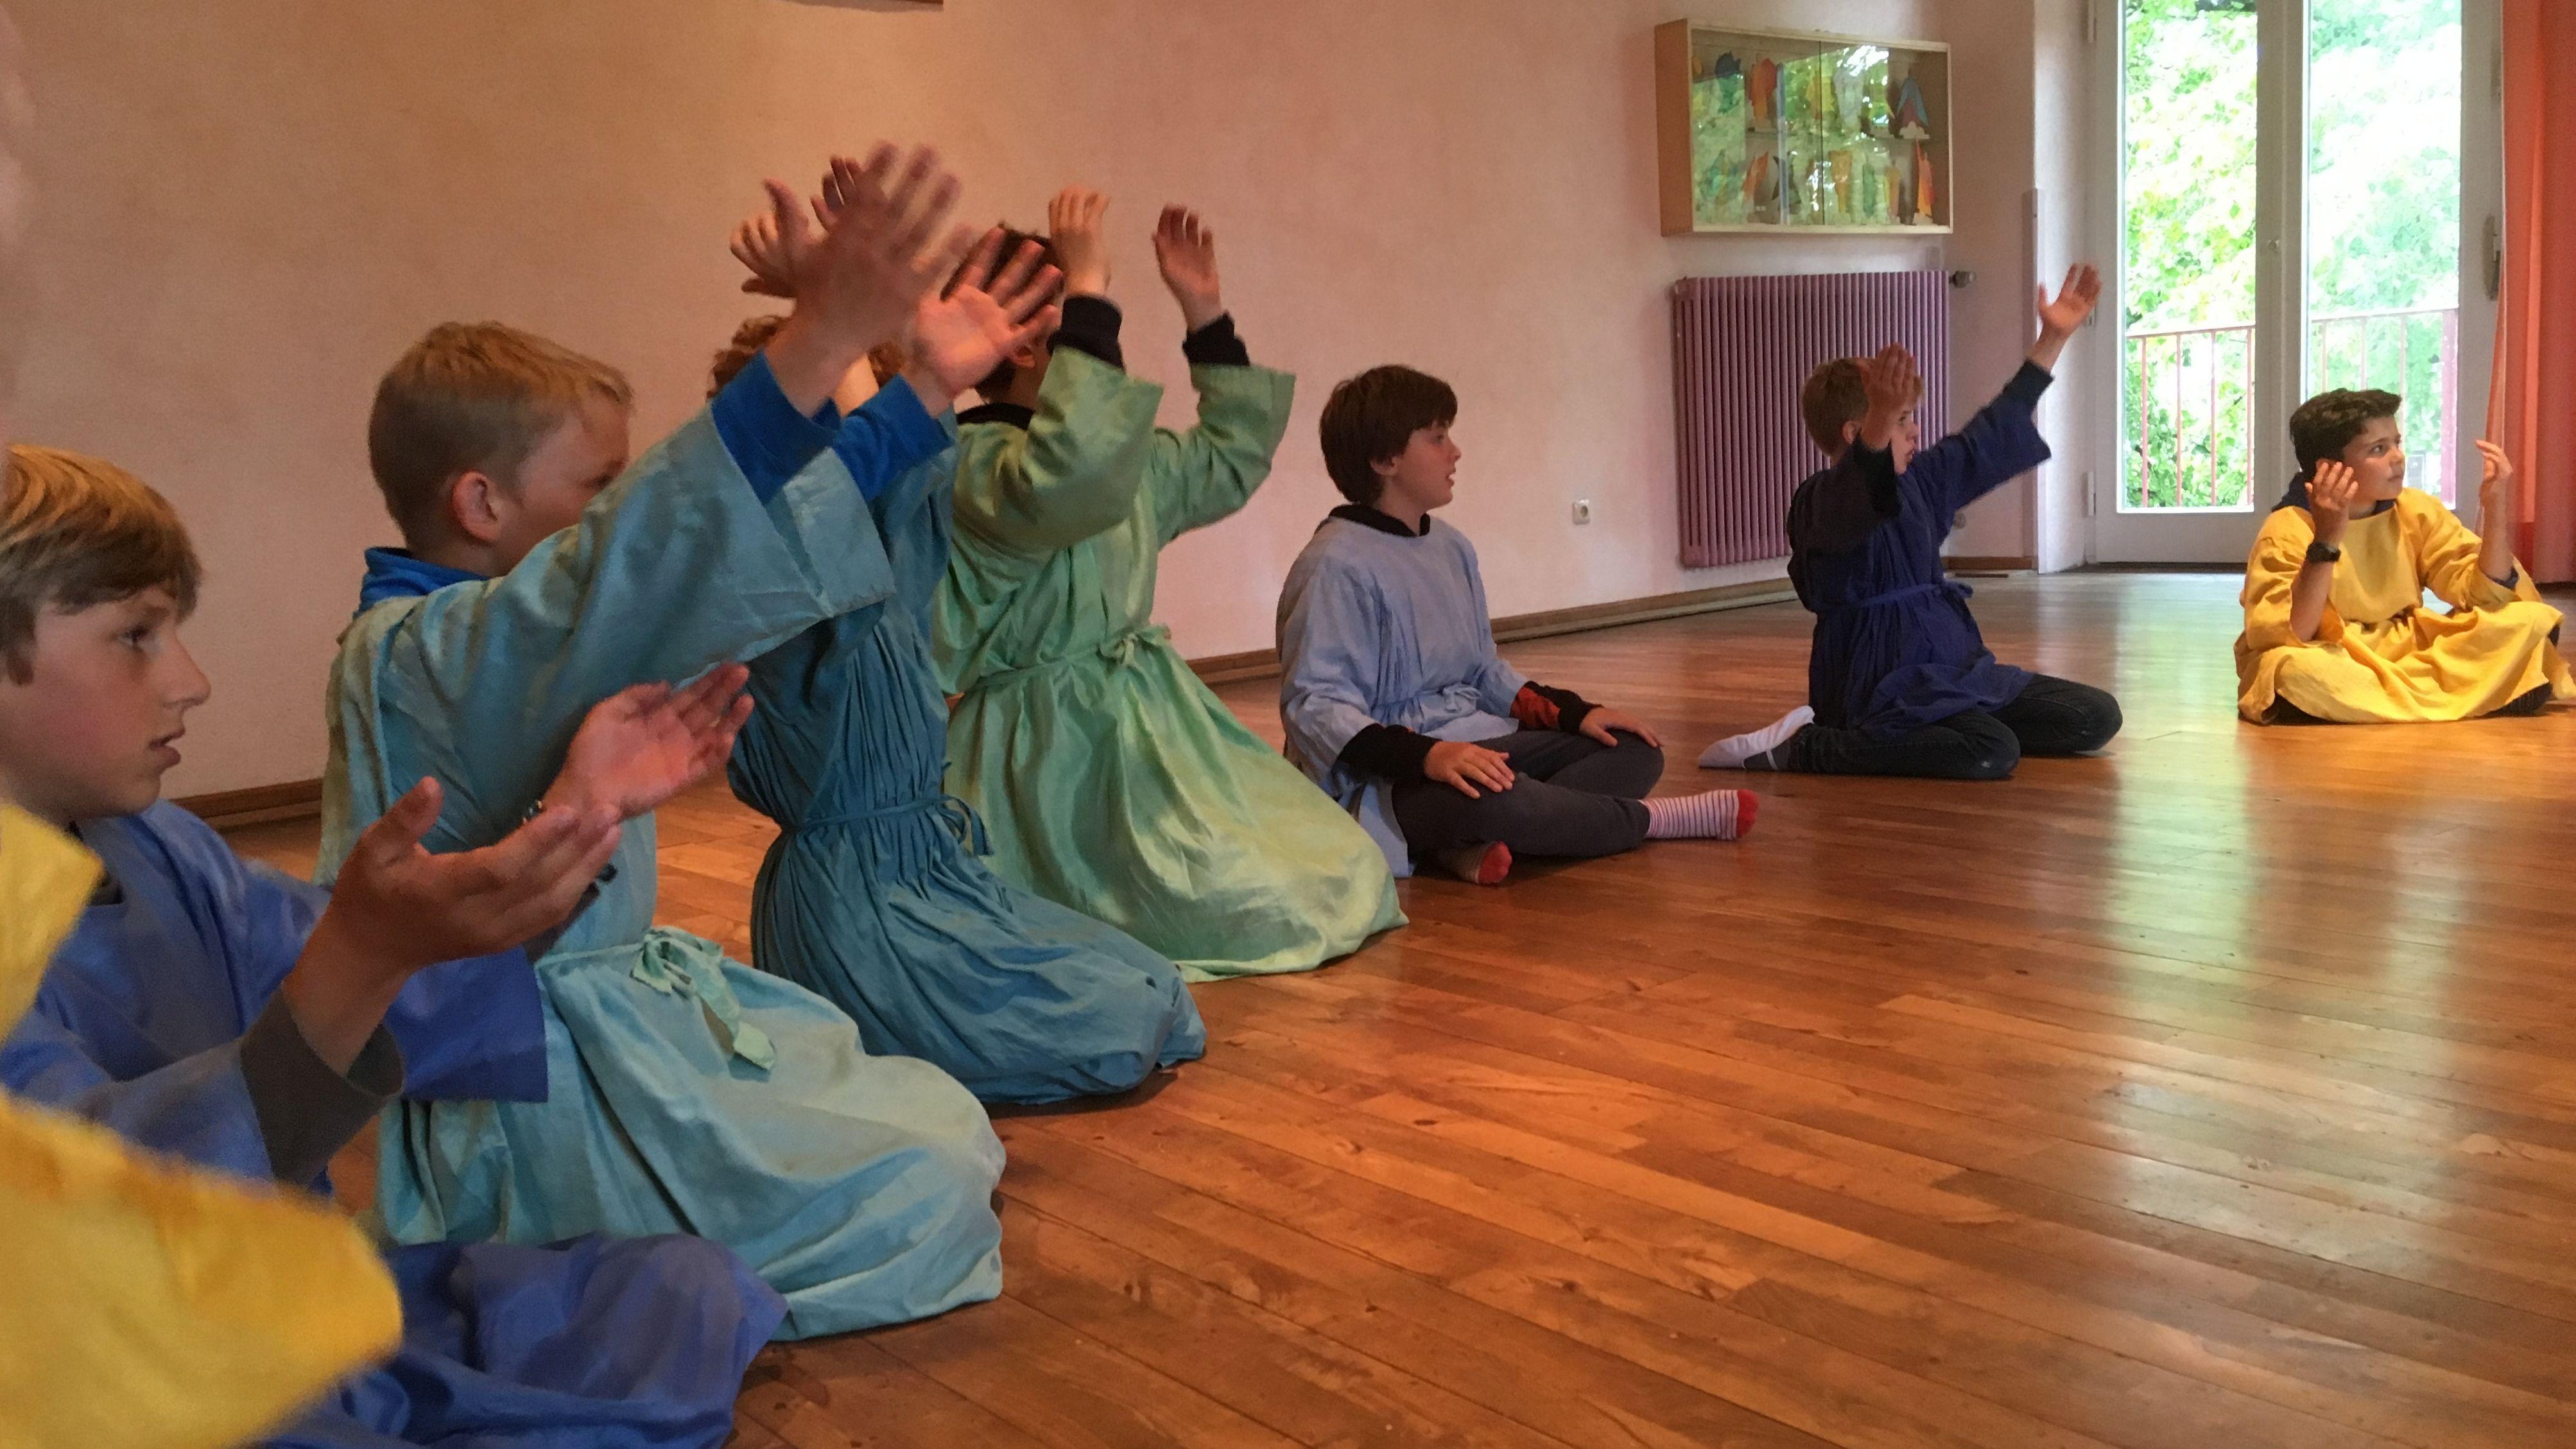 Schüler einer fünften Klasse der Waldorfschule Prien am Chiemsee im Eurythmieunterricht.